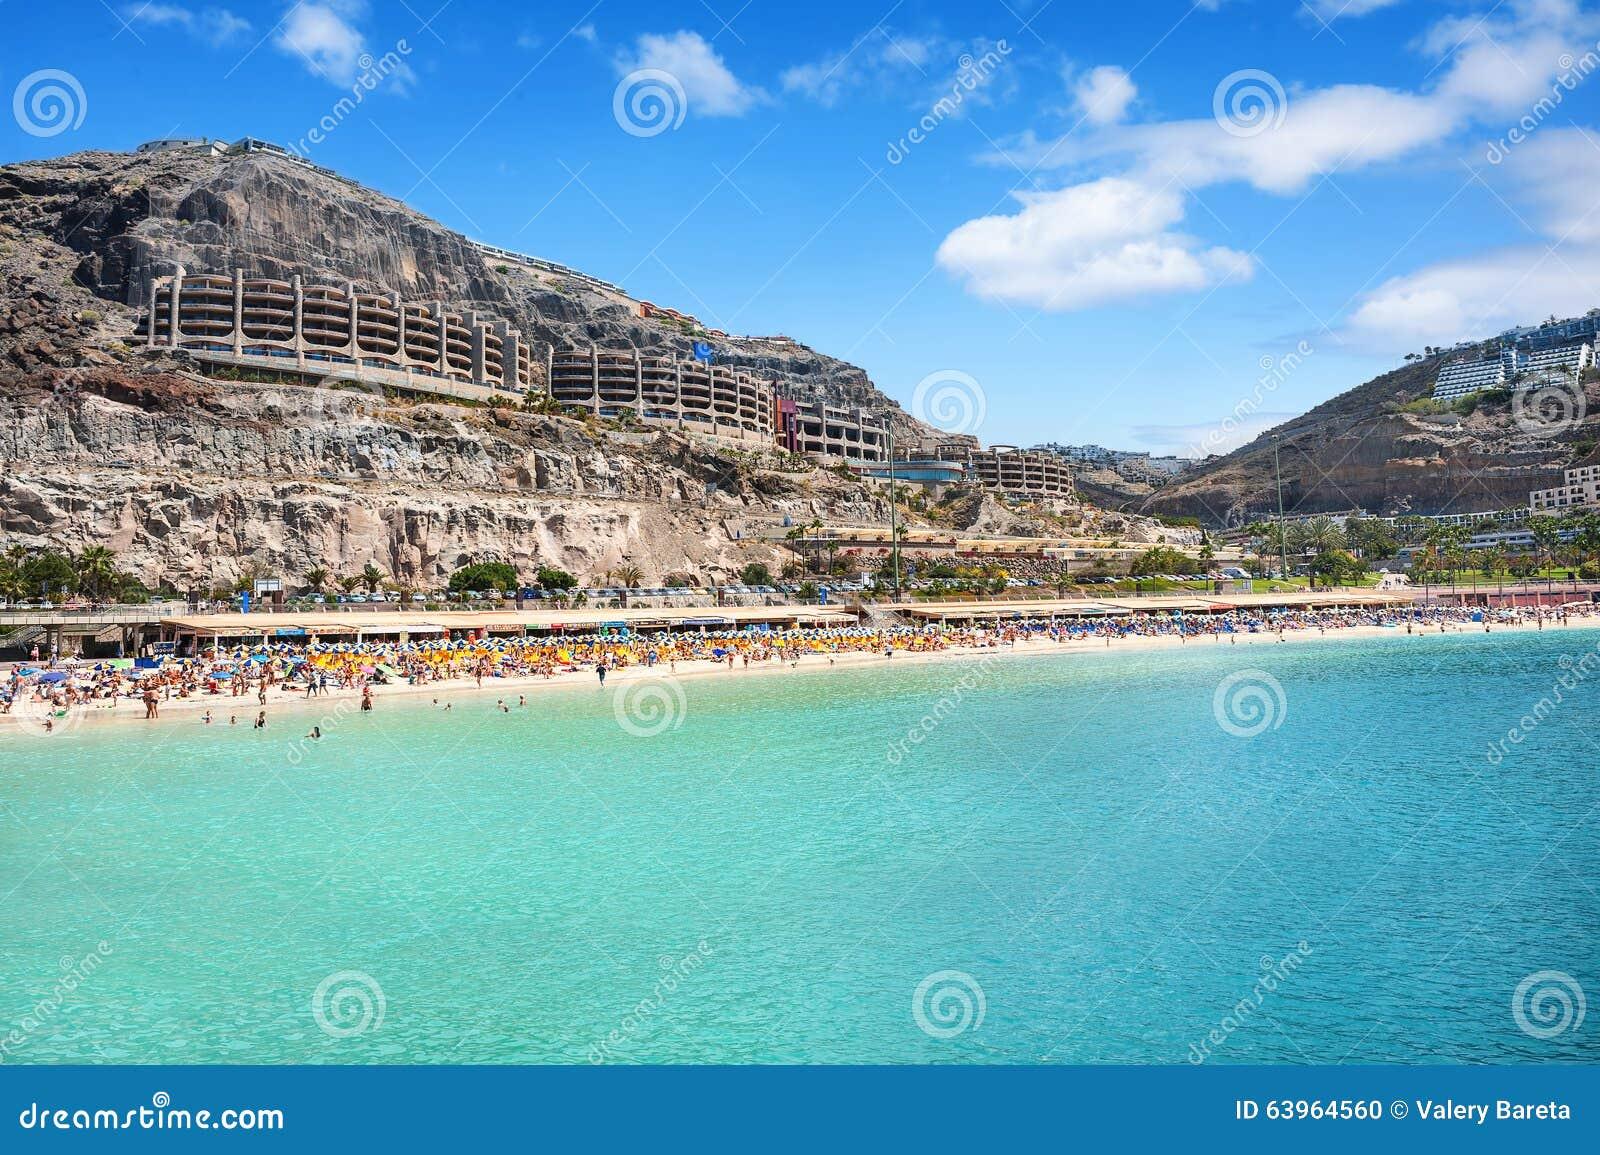 Best Islands Near Spain